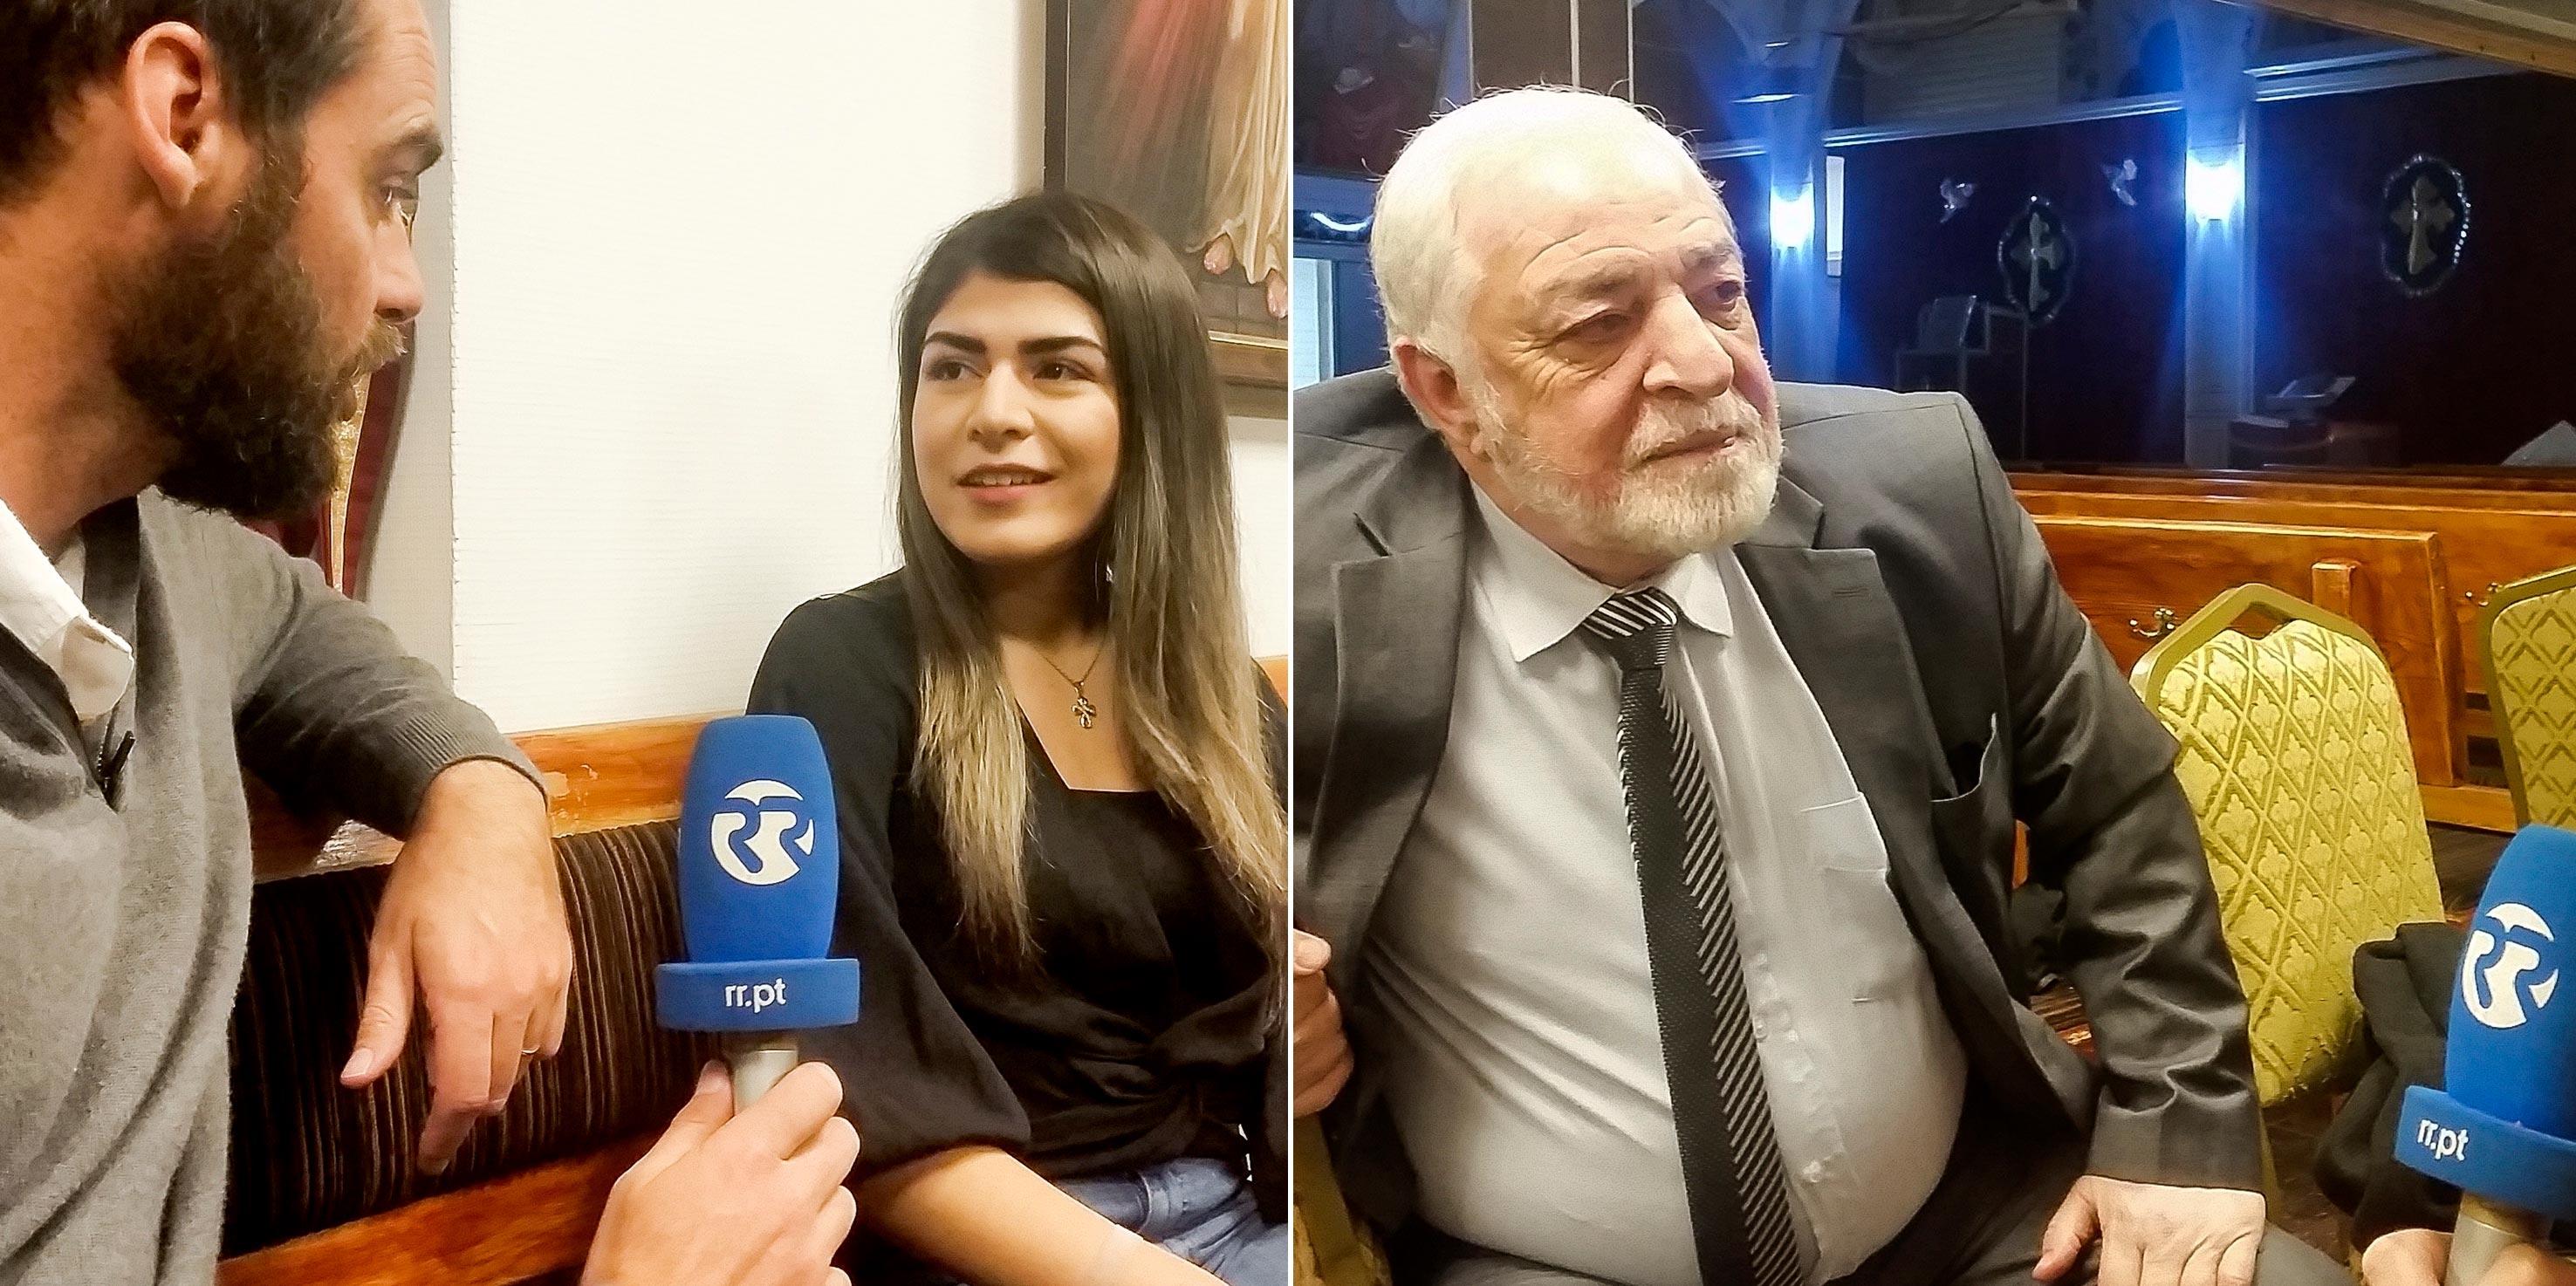 Joseph e Gabriela, dois imigrantes da Síria, divididos pela idade e pelas circunstâncias da partida